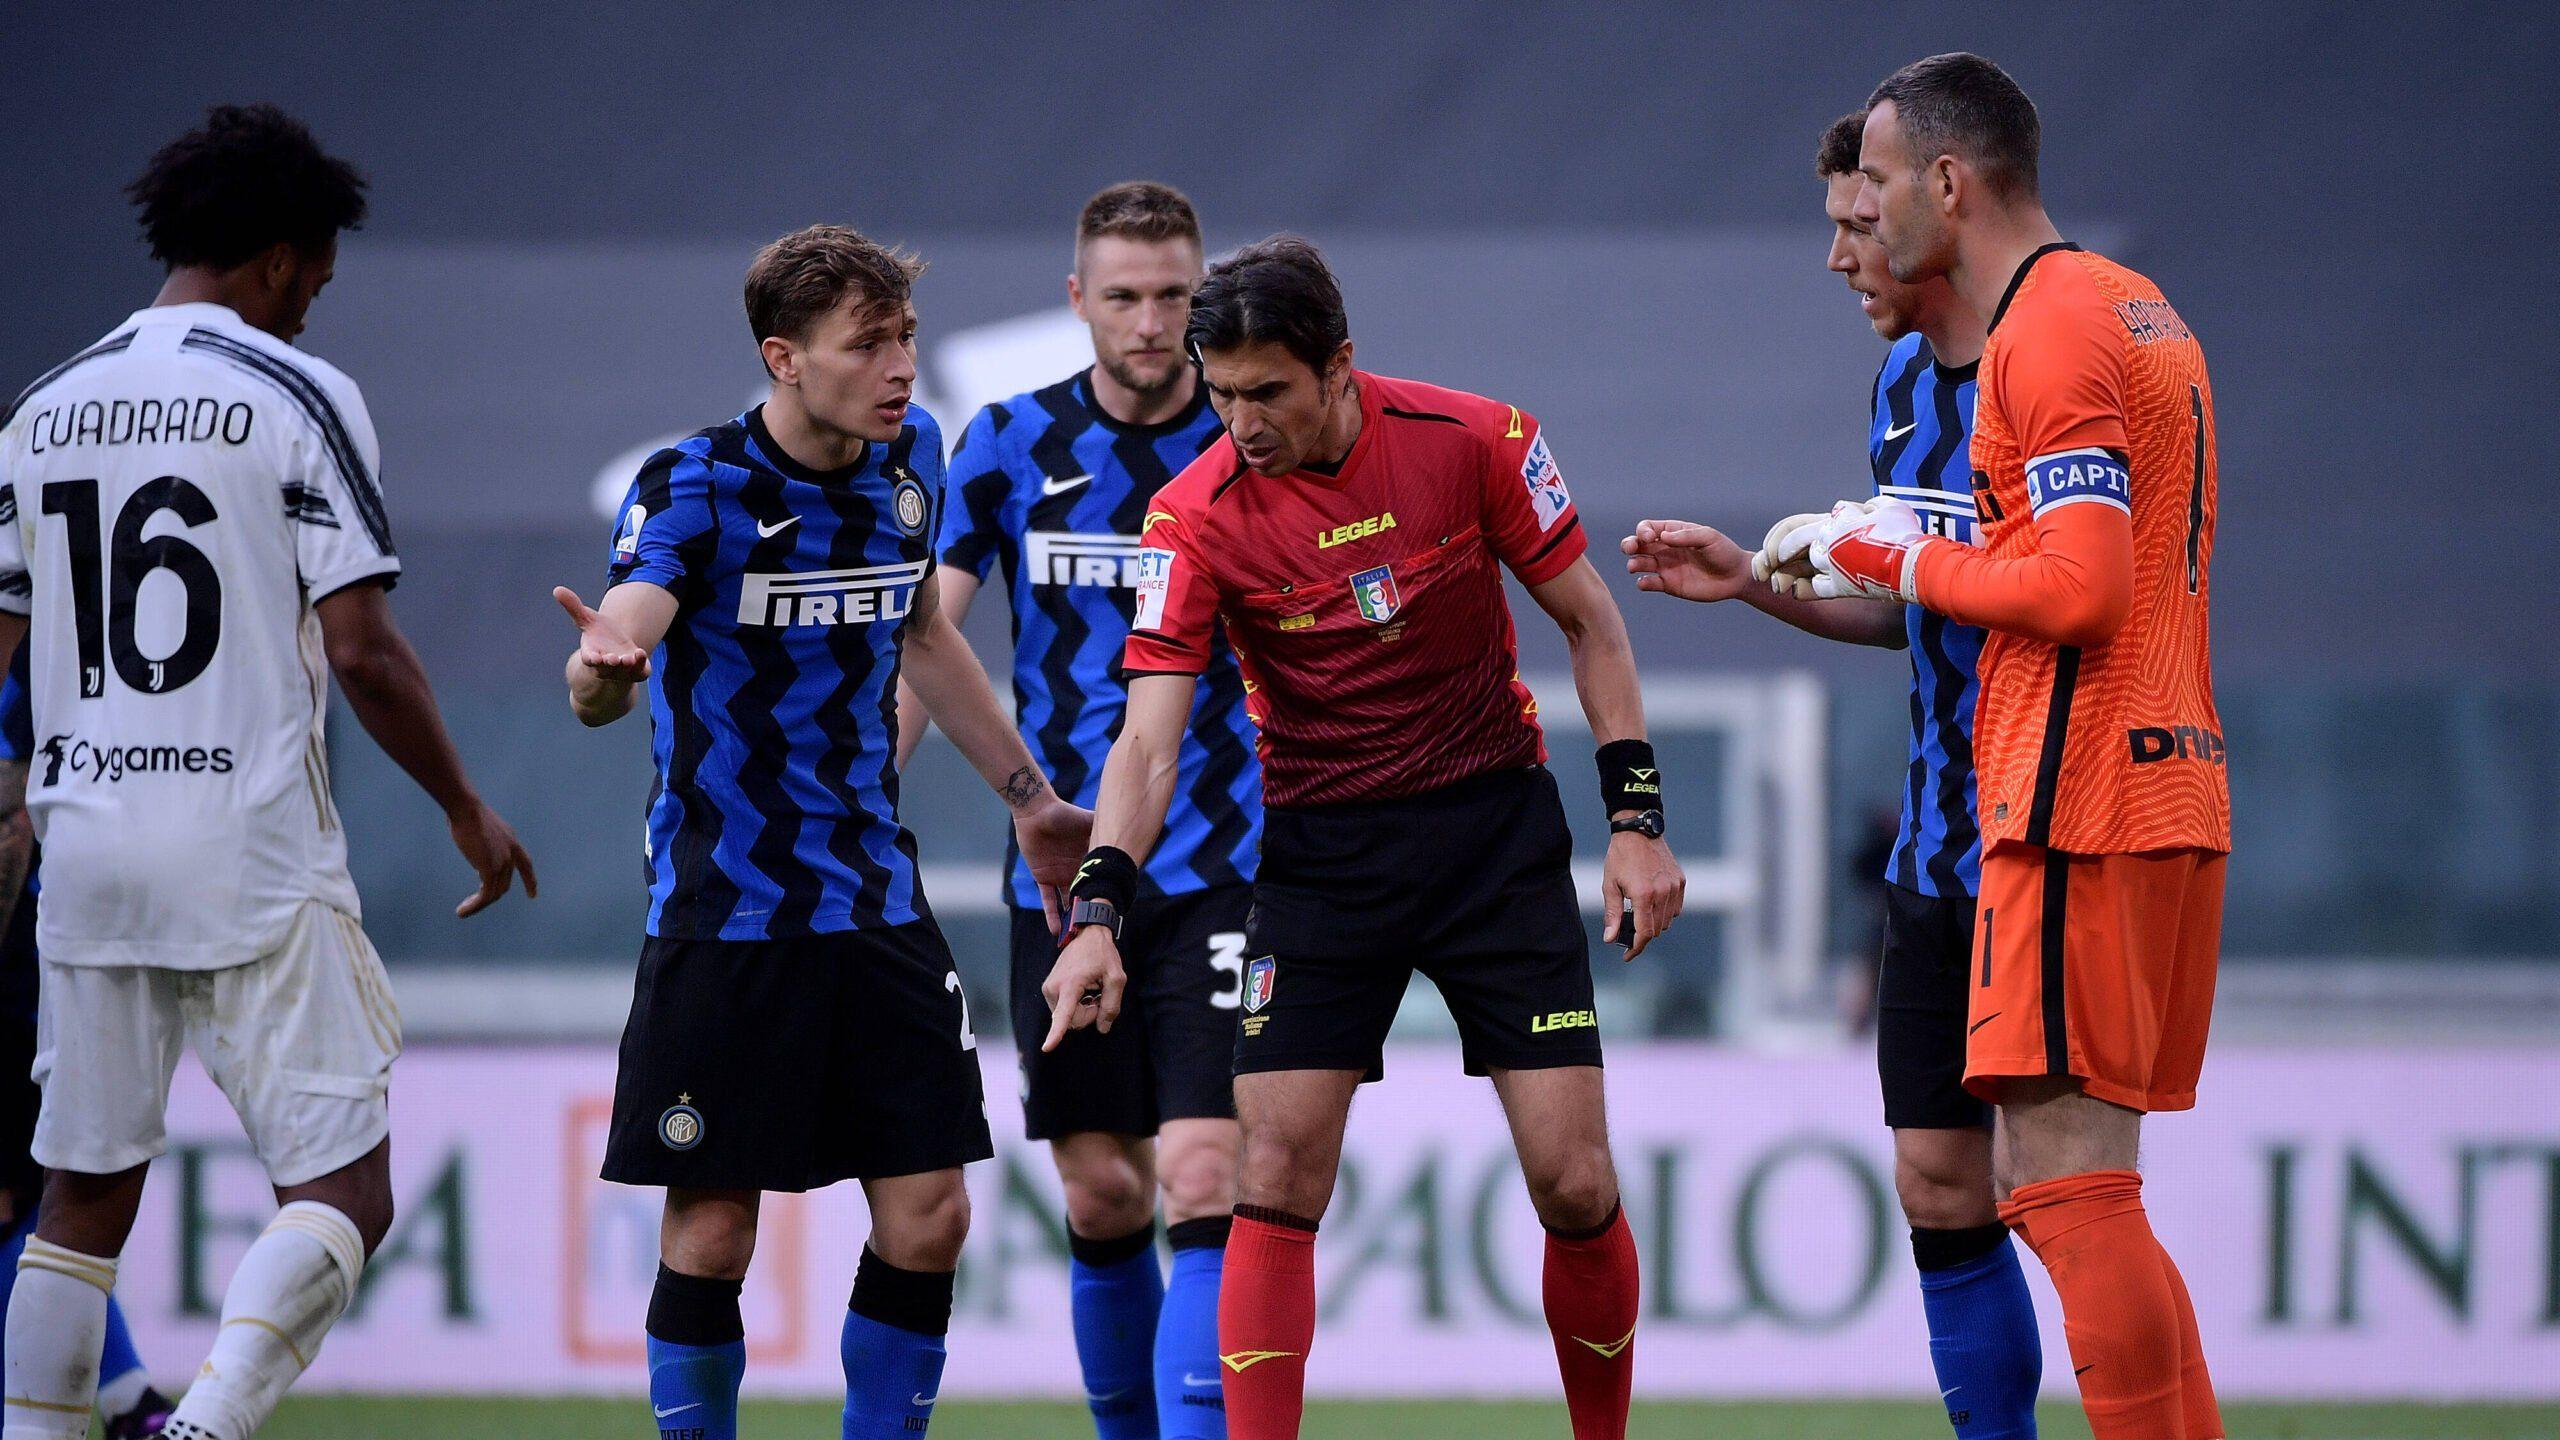 Confessioni Calvarese su Juve-Inter scatenano la bufera sul web |  Sport e Vai